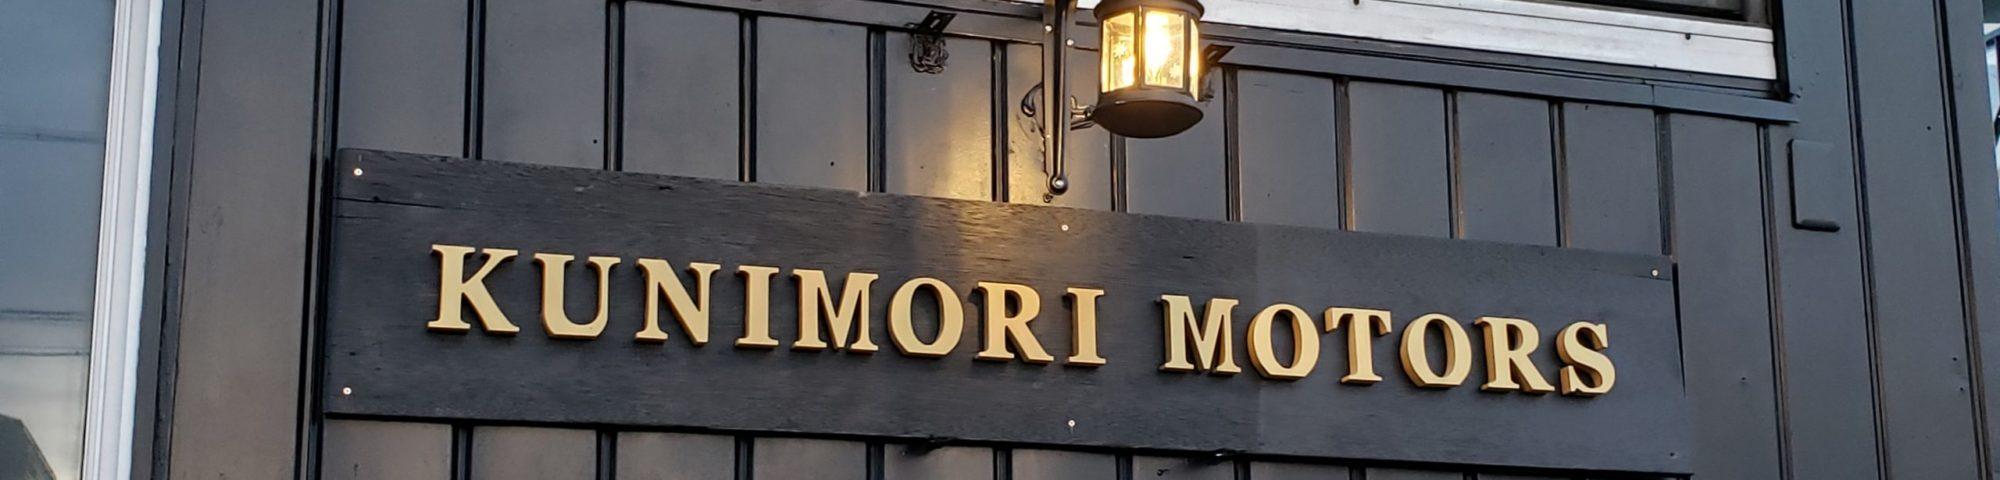 Kunimori Motors Co., Ltd.